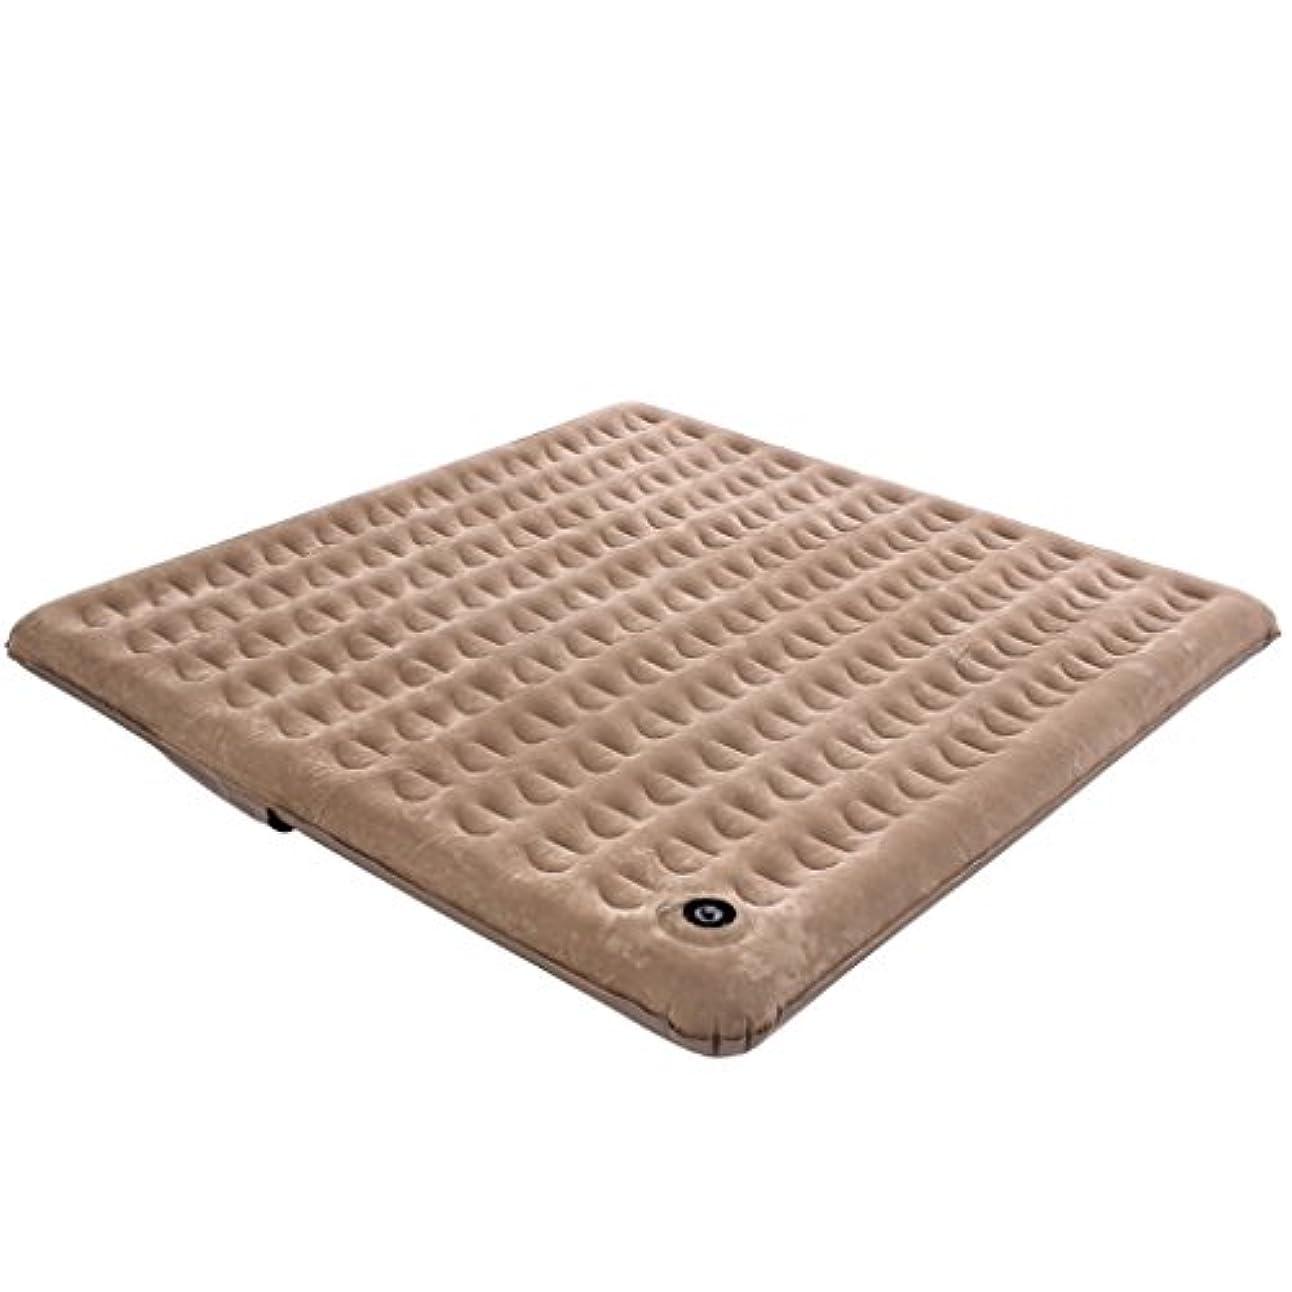 機械的温かいコーラス2?3人がインフレータブルクッションポータブル家庭用インフレータブルテント防湿エアクッションセットインフレータブルチューブ (Size : 140 * 190cm (55 * 74.8 inches))